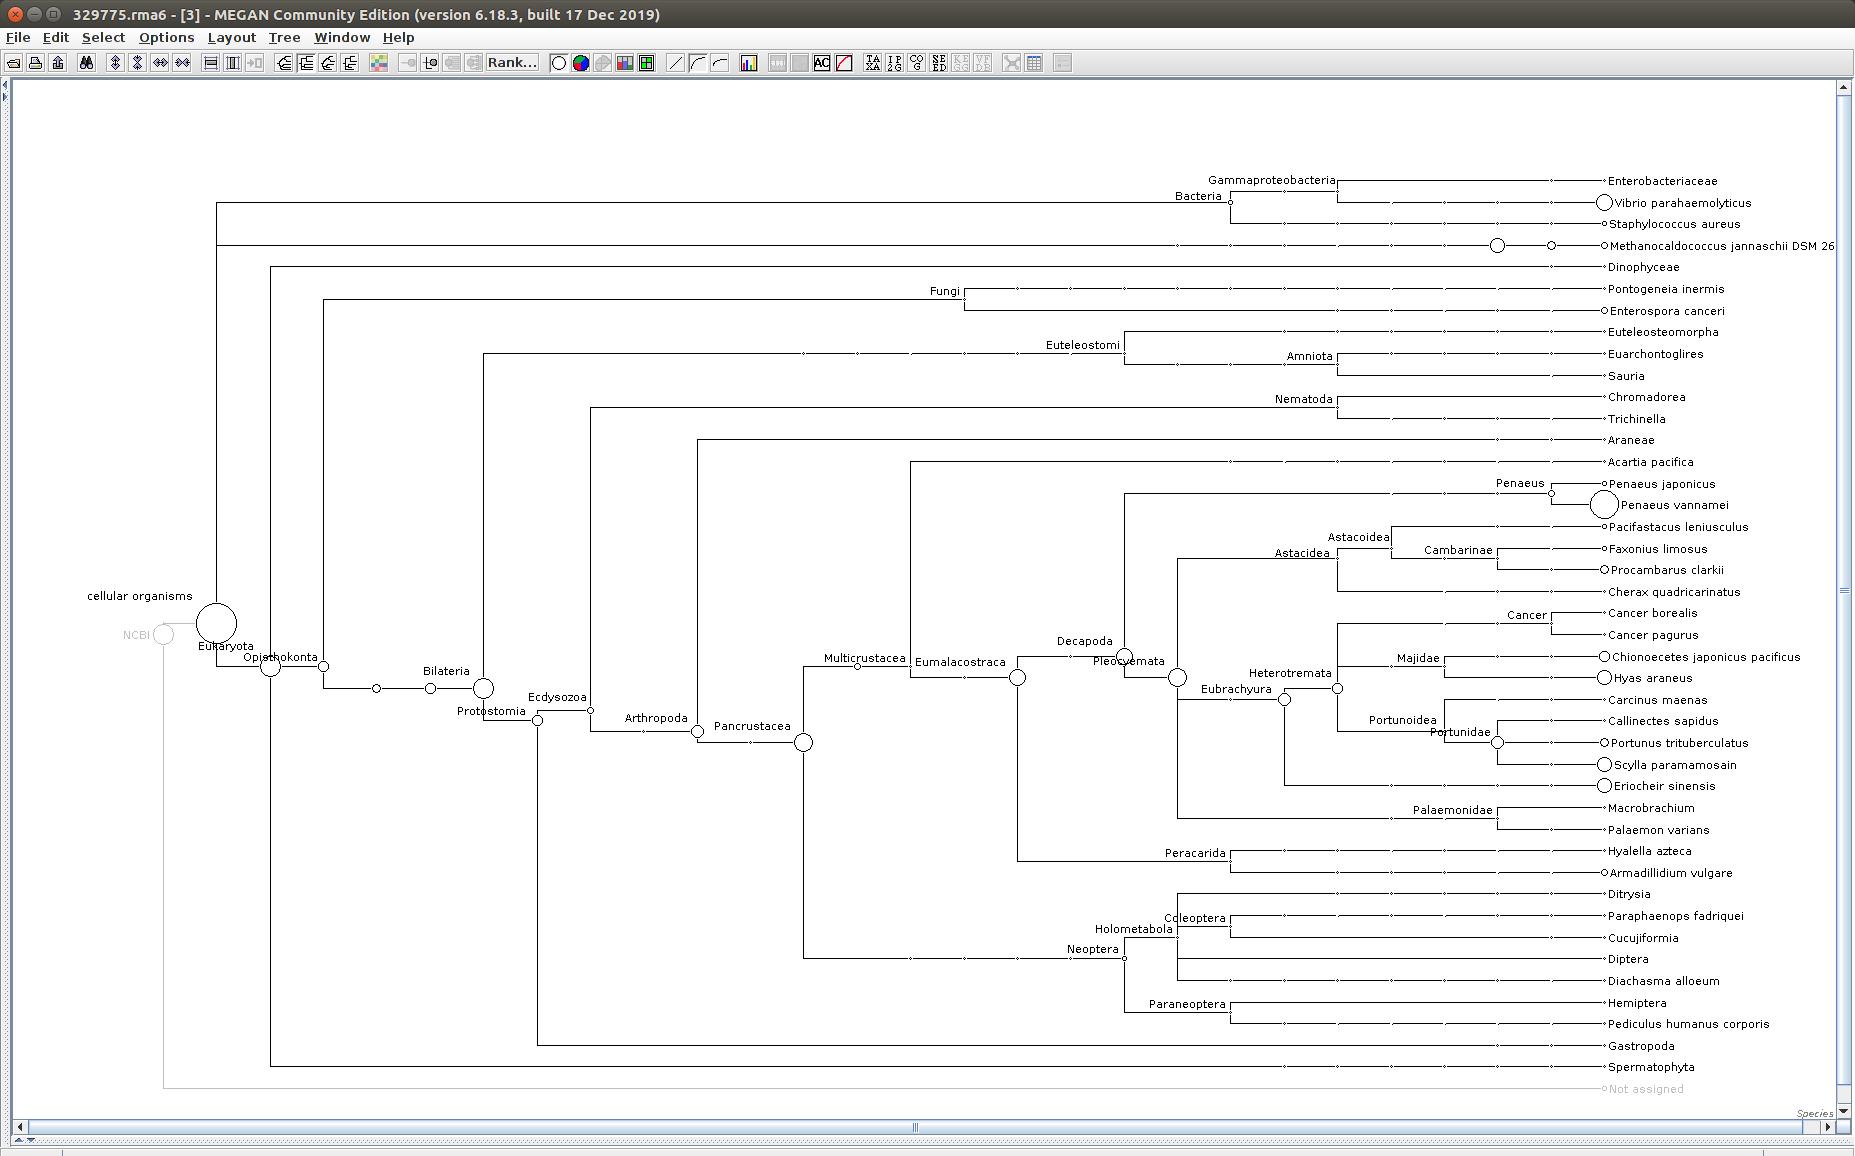 329775 MEGAN6 taxonomic tree